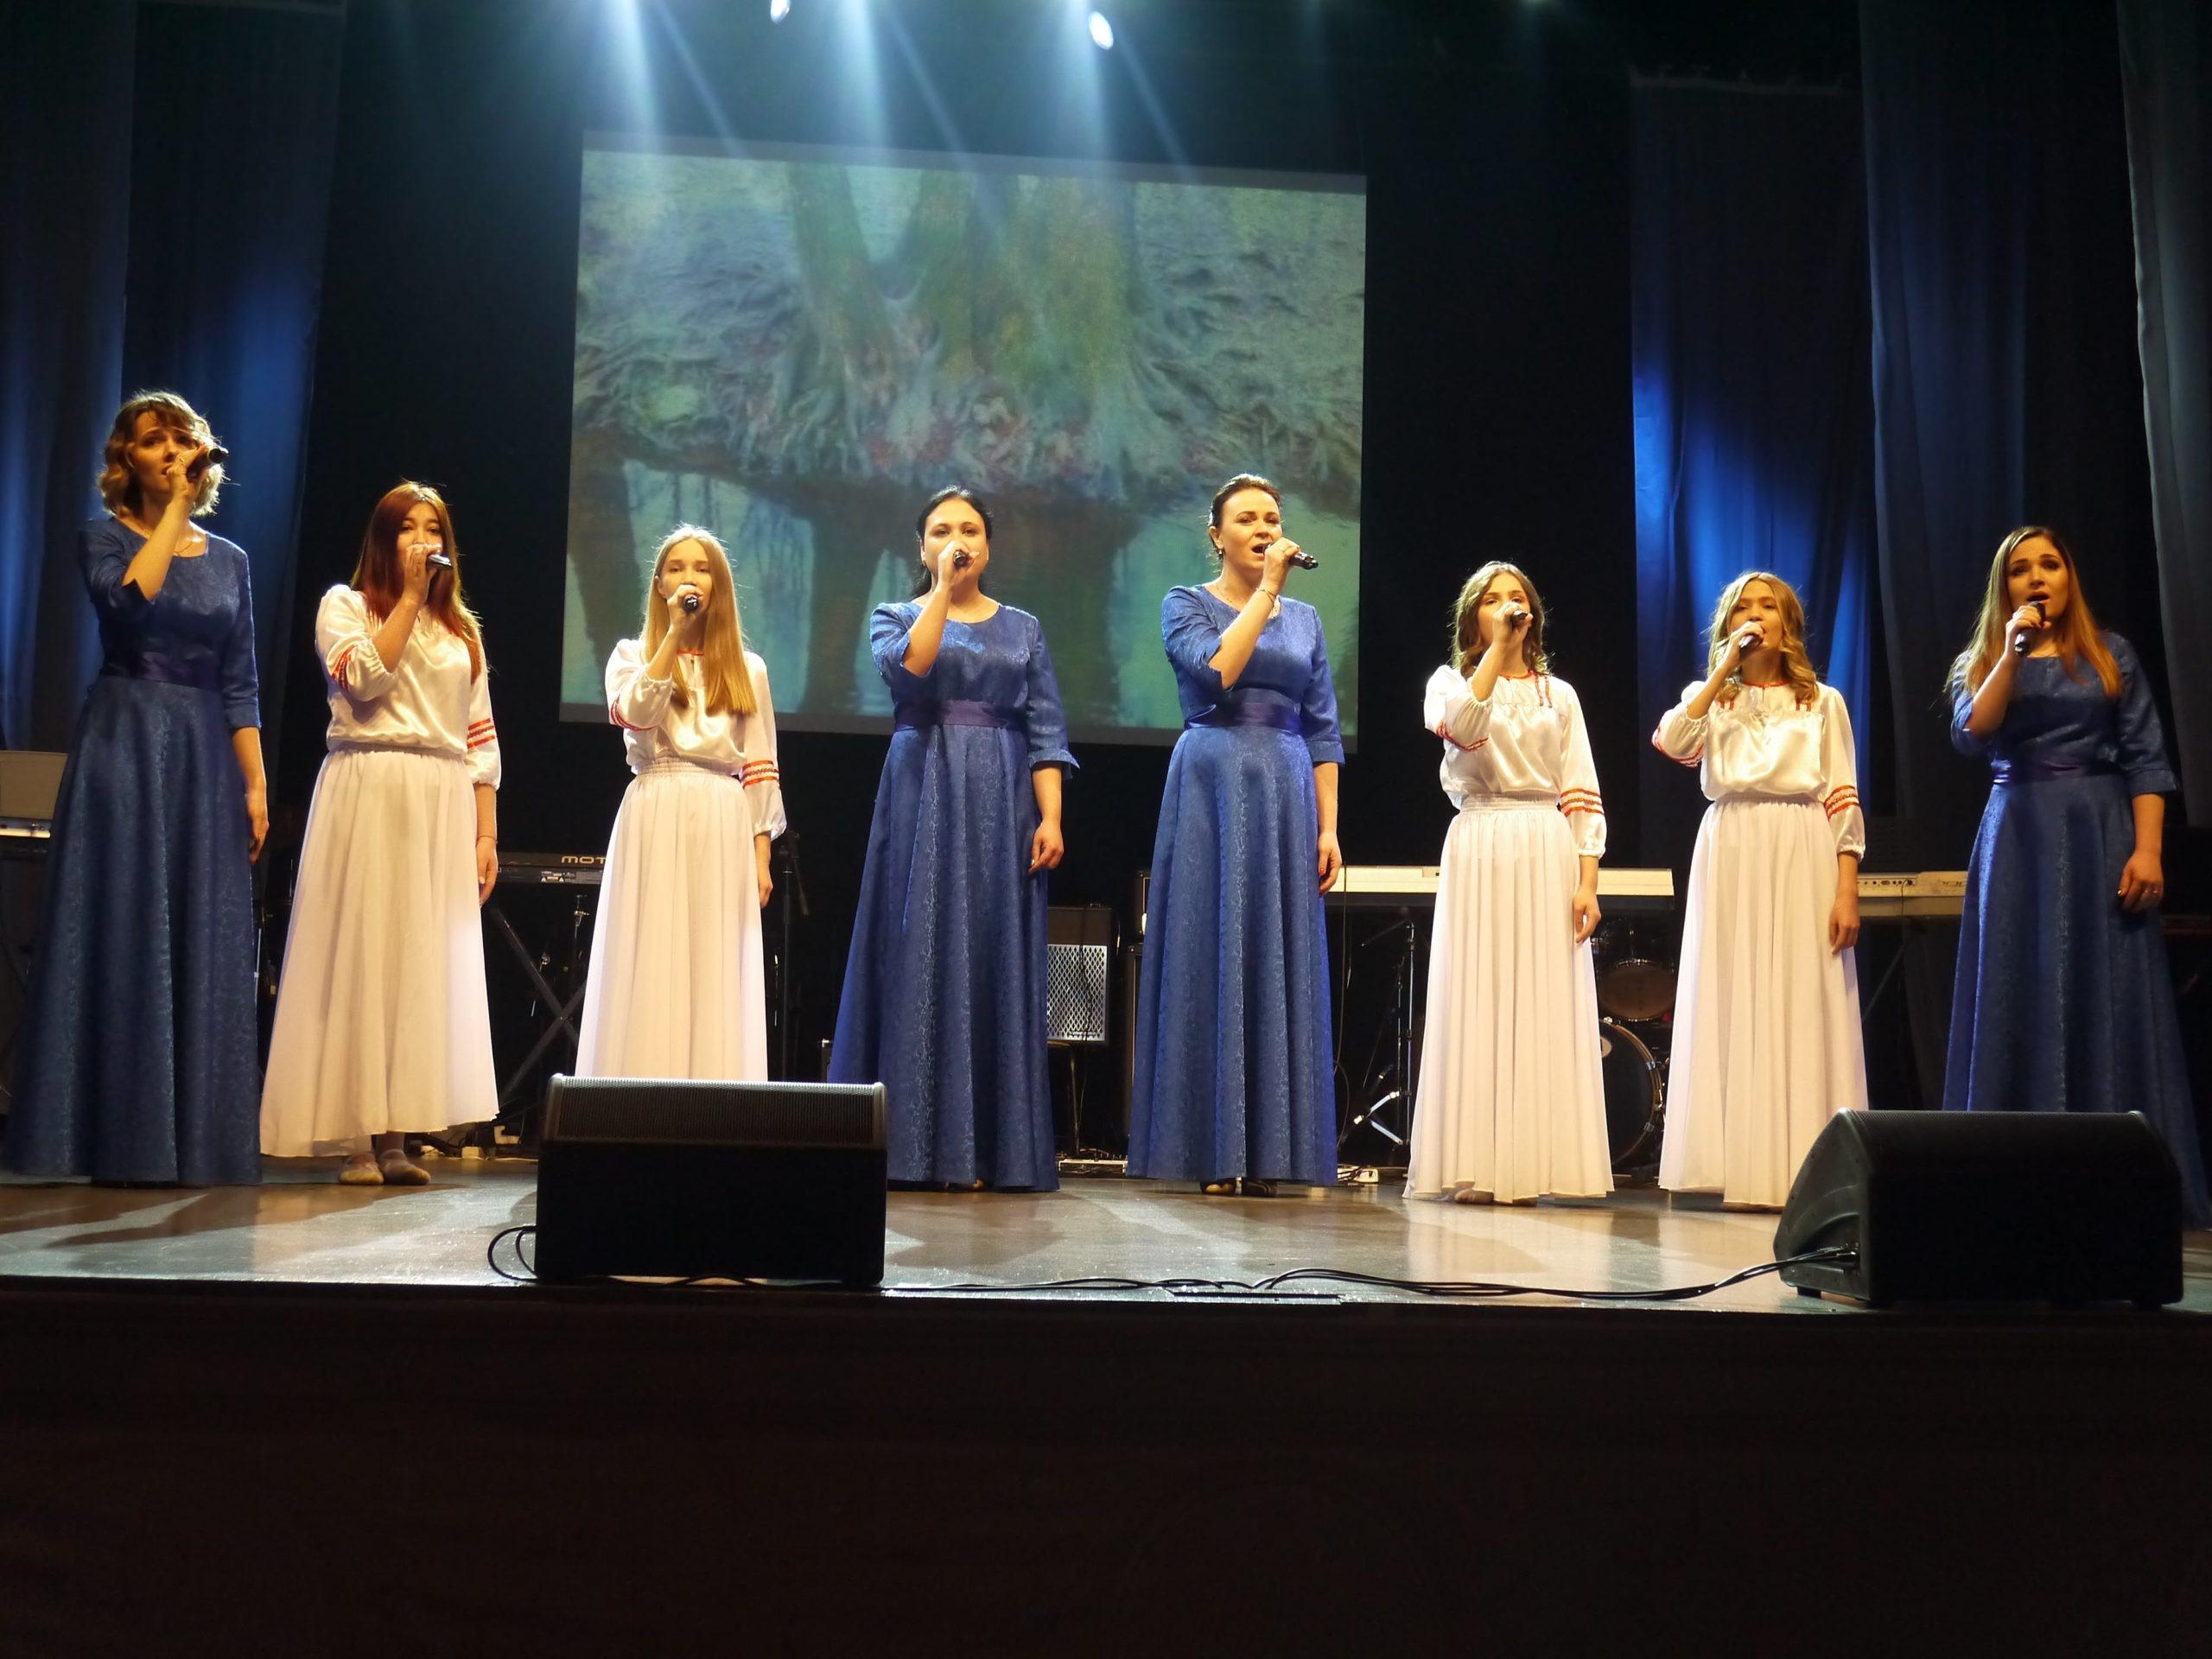 В Твери подвели итоги фестиваля «Шлягер. Песни Победы»